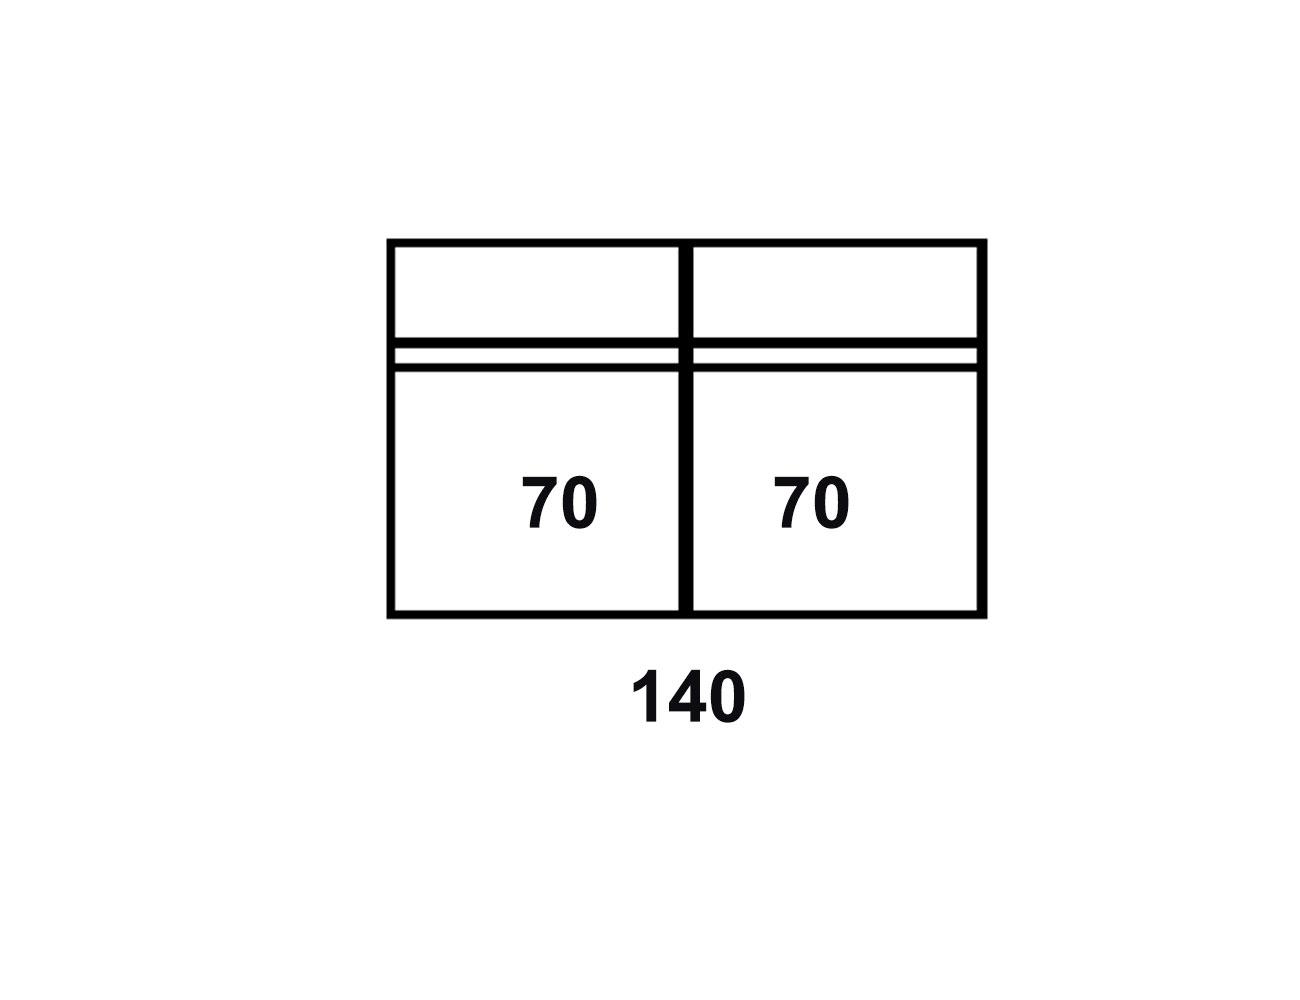 Modulo 2p 1408